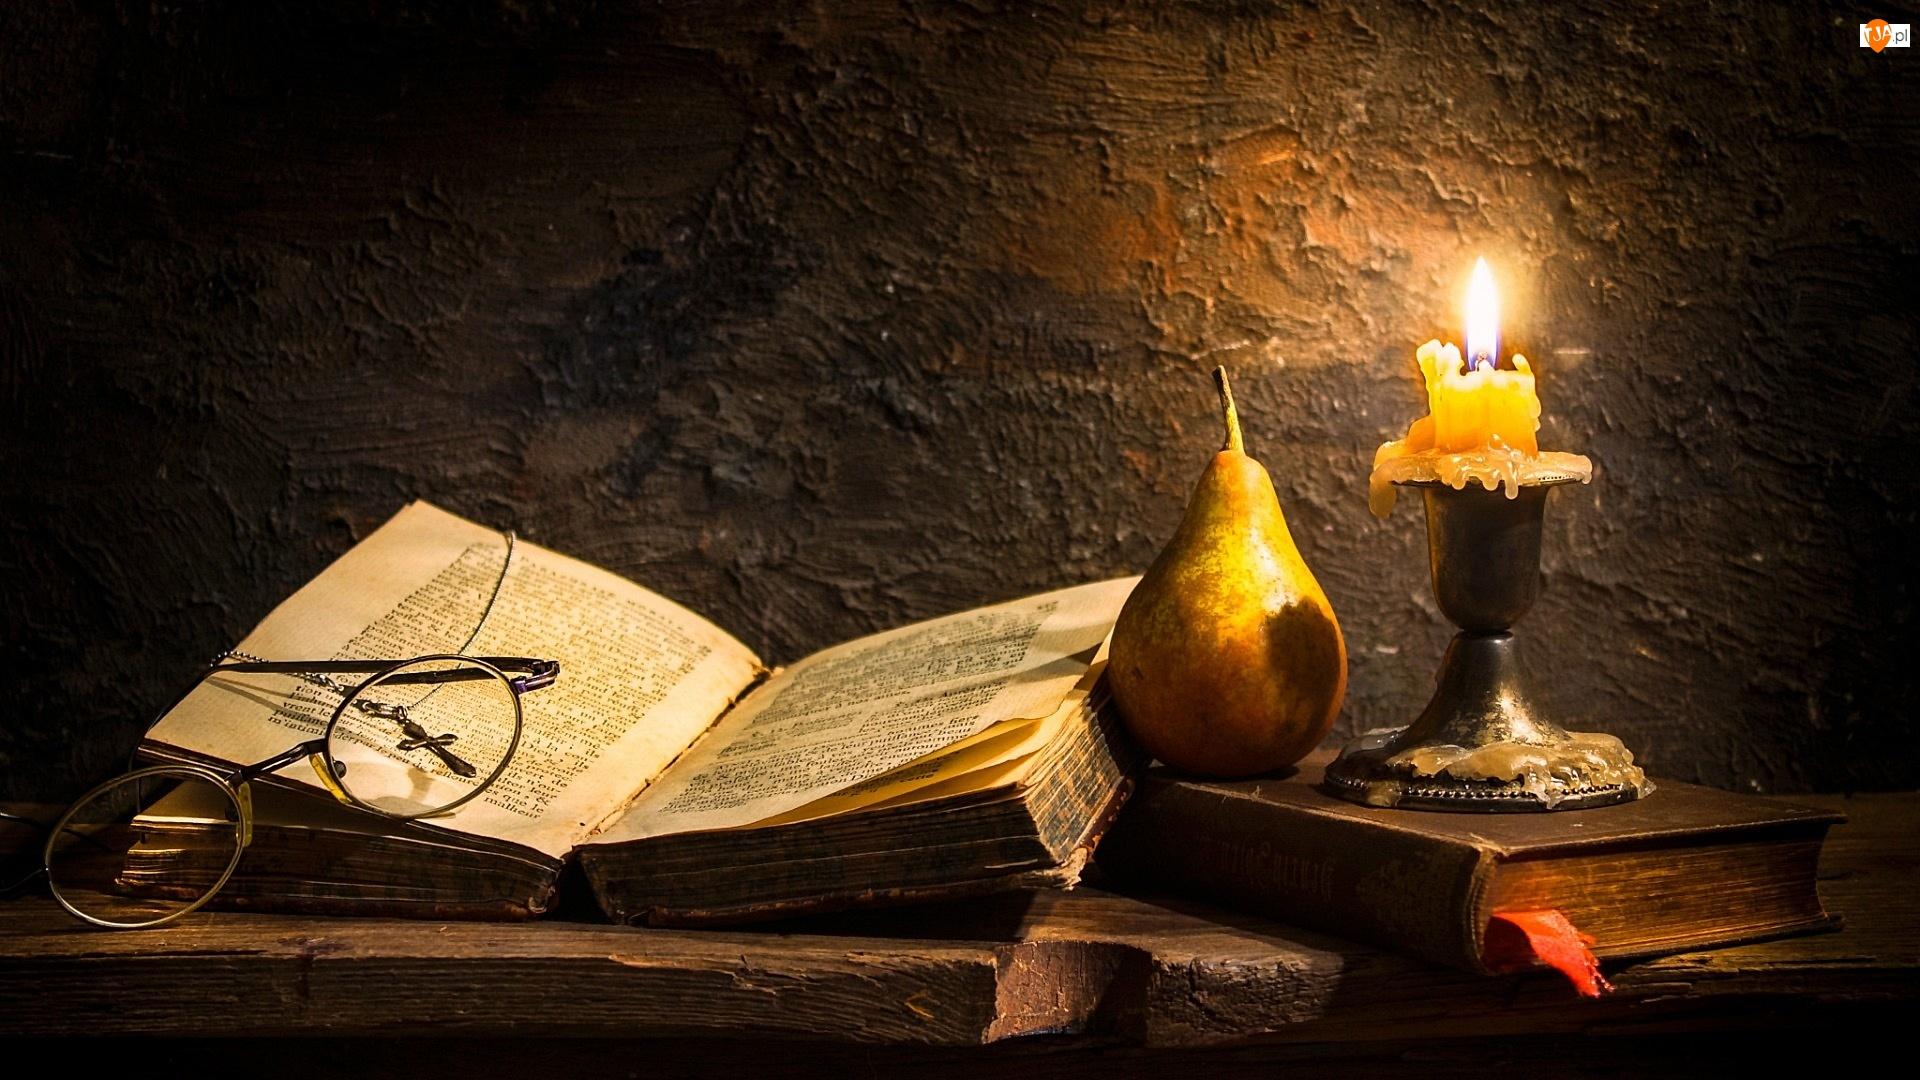 Świeca, Modlitewnik, Kompozycja, Gruszka, Okulary, Książka